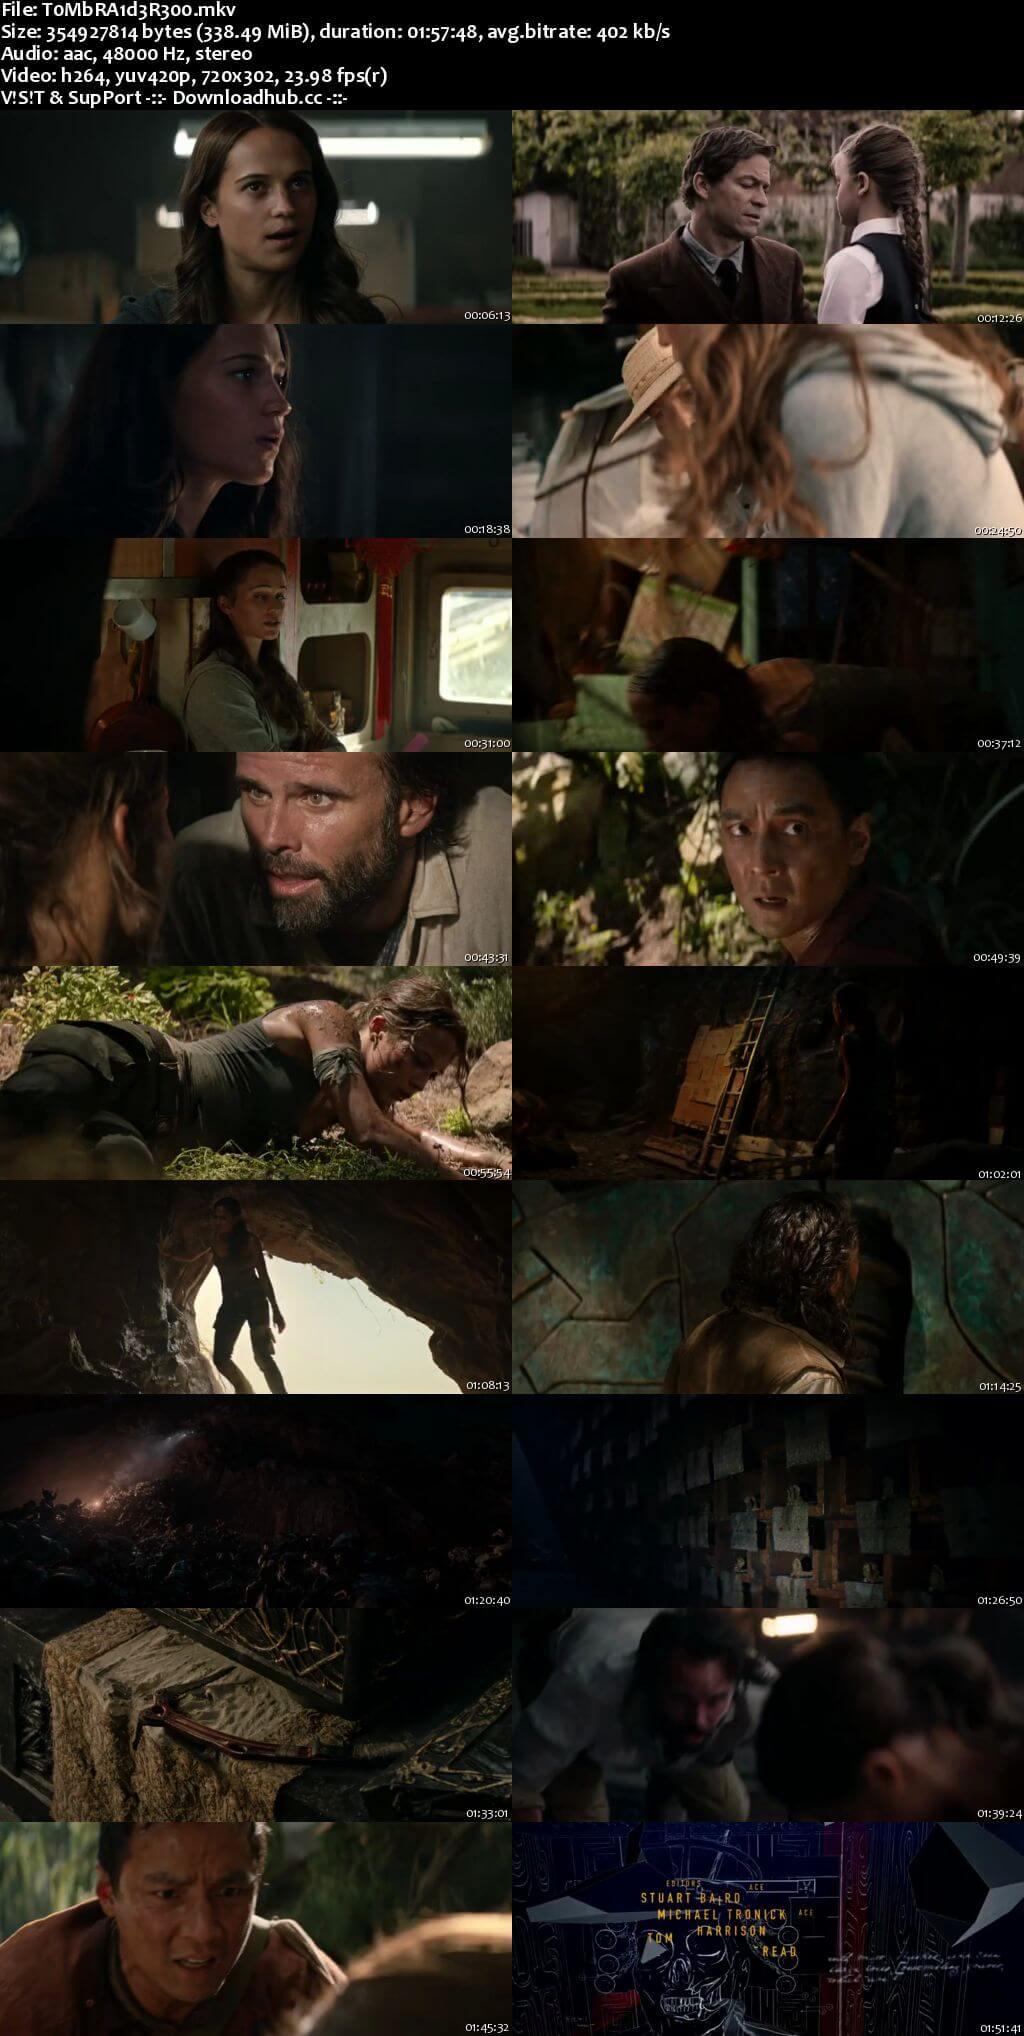 Tomb Raider 2018 English 480p Web-DL ESubs